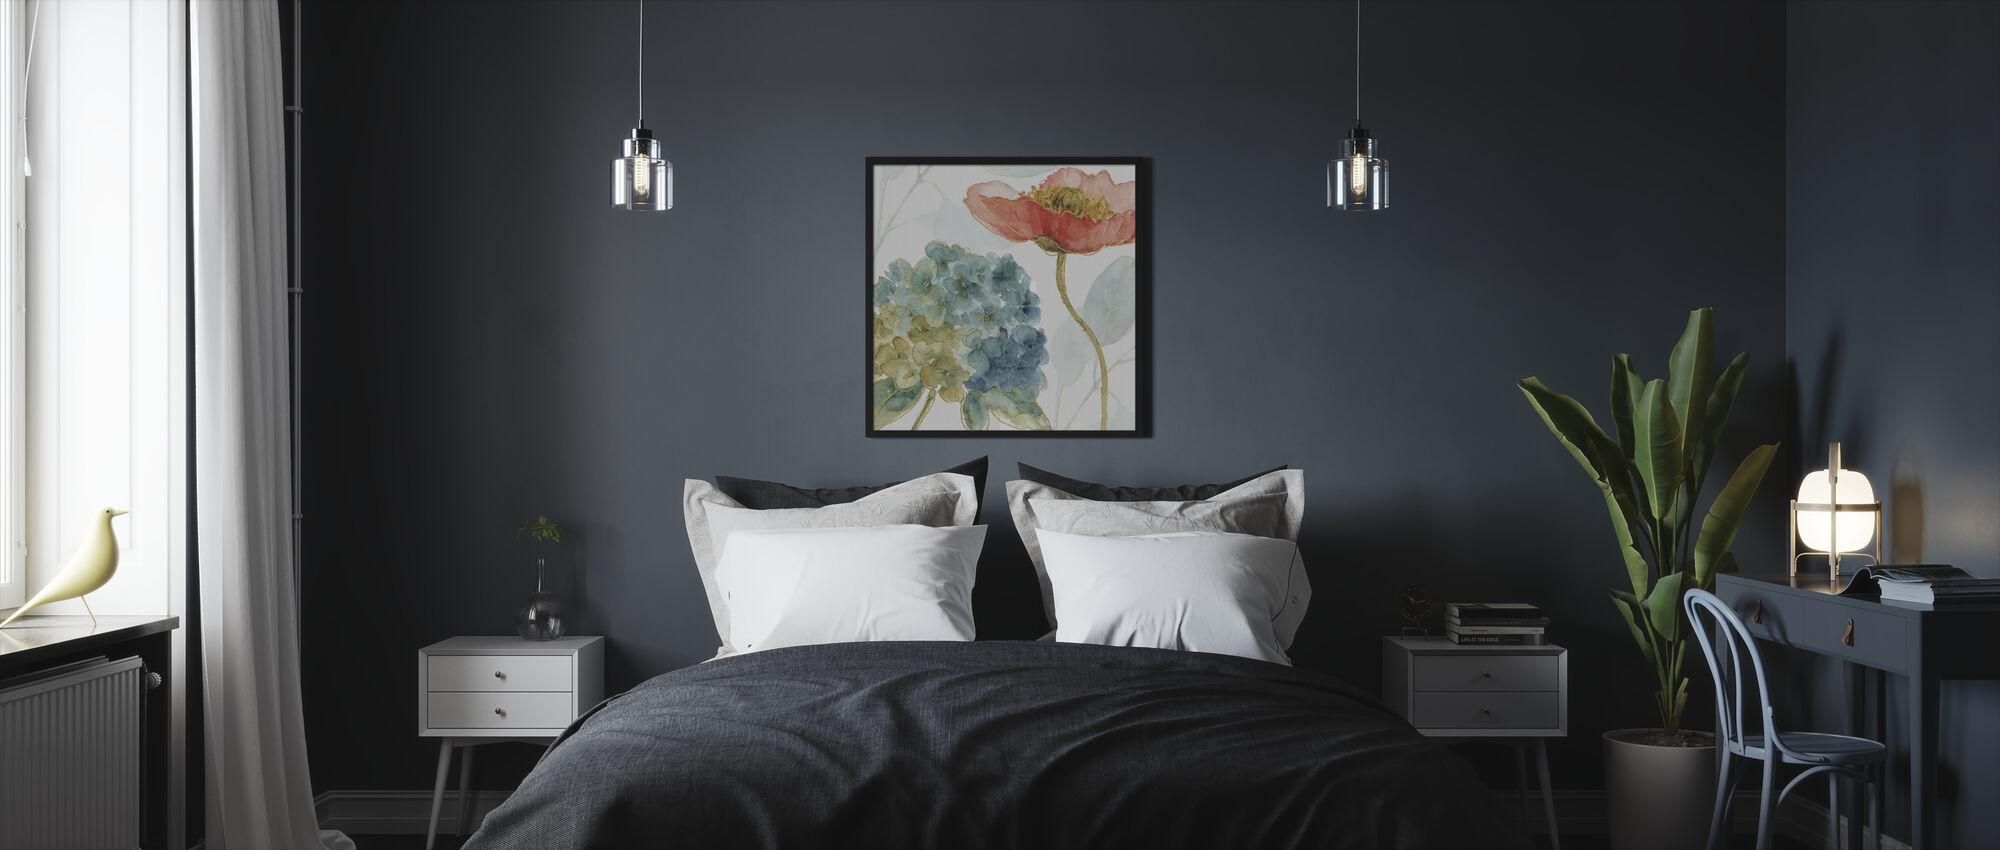 Sateenkaari Siemenet Kukat 4 - Kehystetty kuva - Makuuhuone